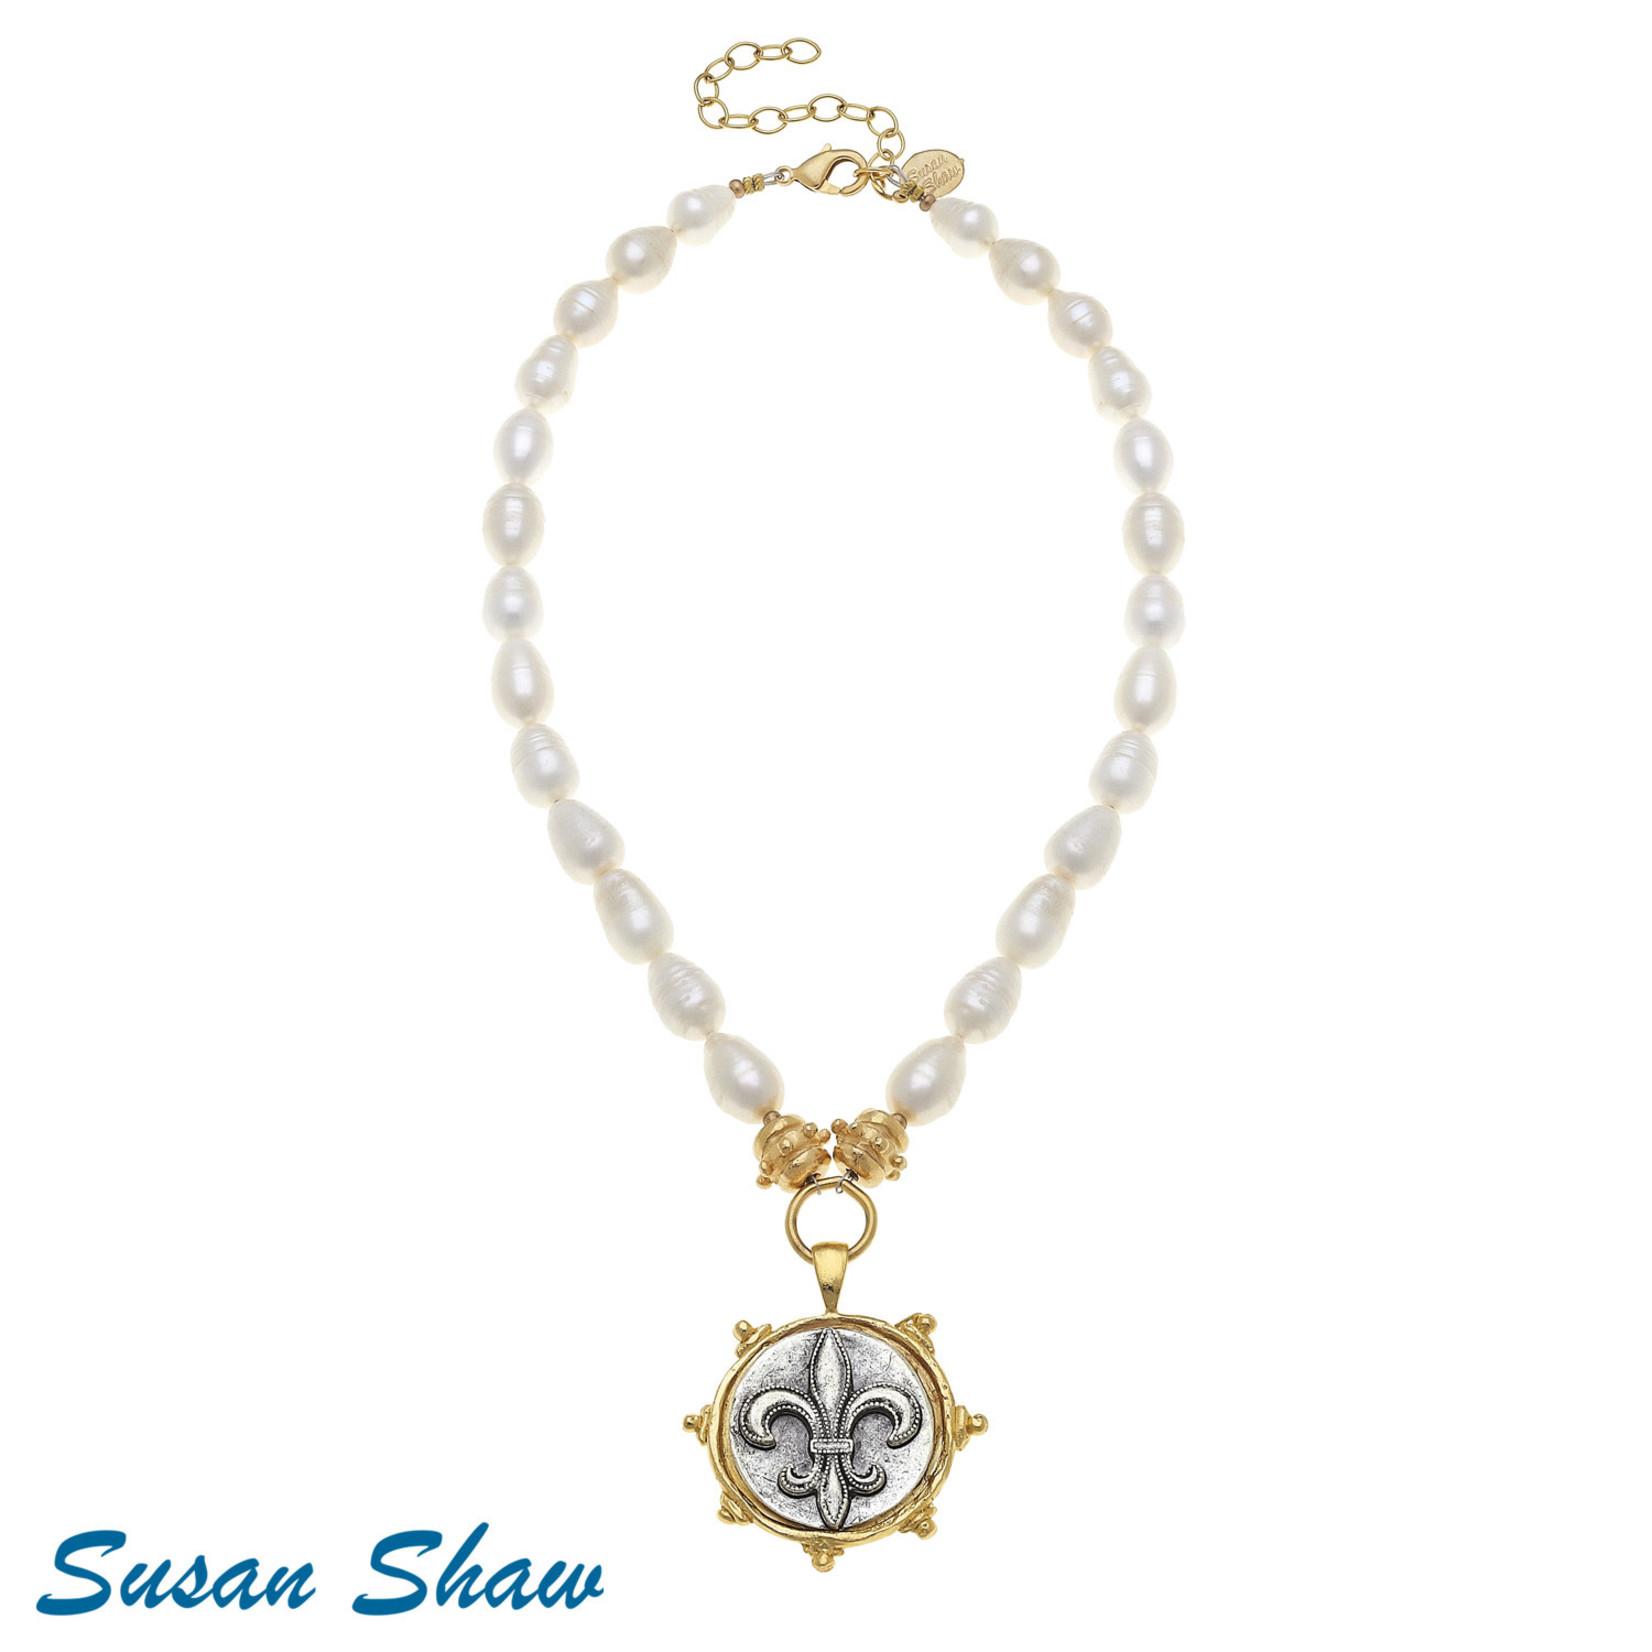 Susan Shaw Susan Shaw Fleur de Lis Pearl Drop Necklace